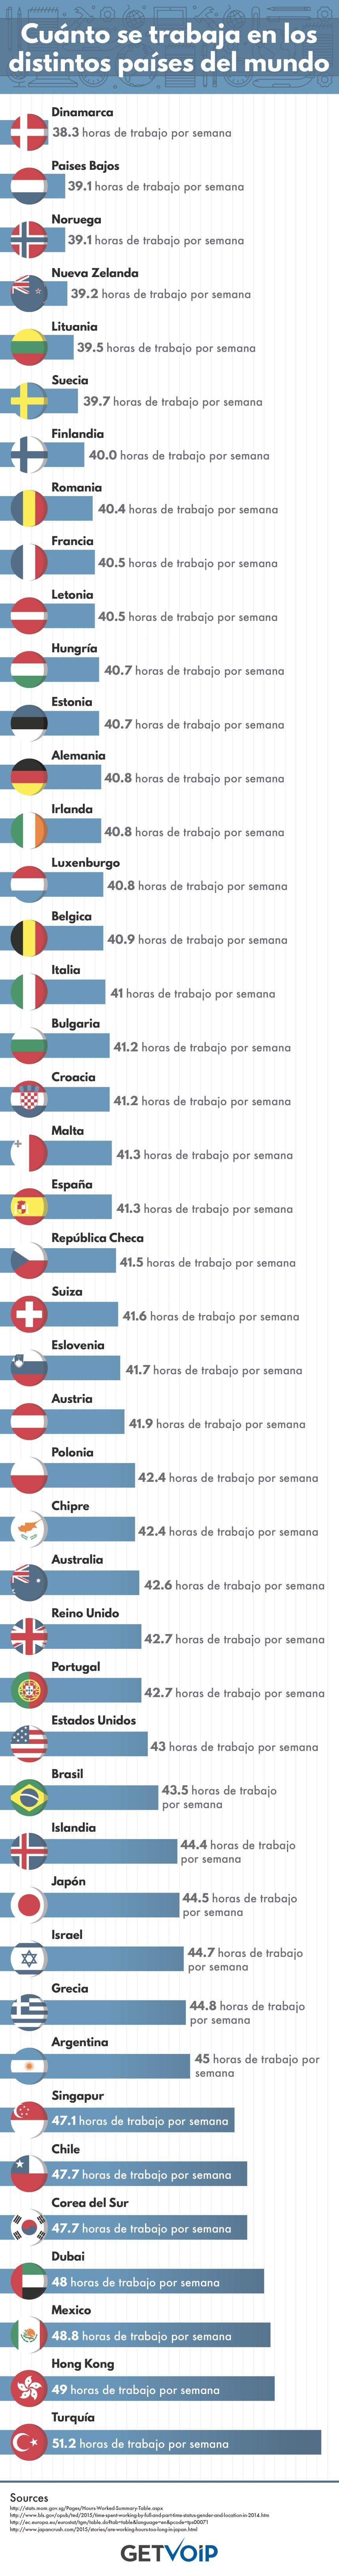 Horas de trabajo semanales en algunos países del Mundo